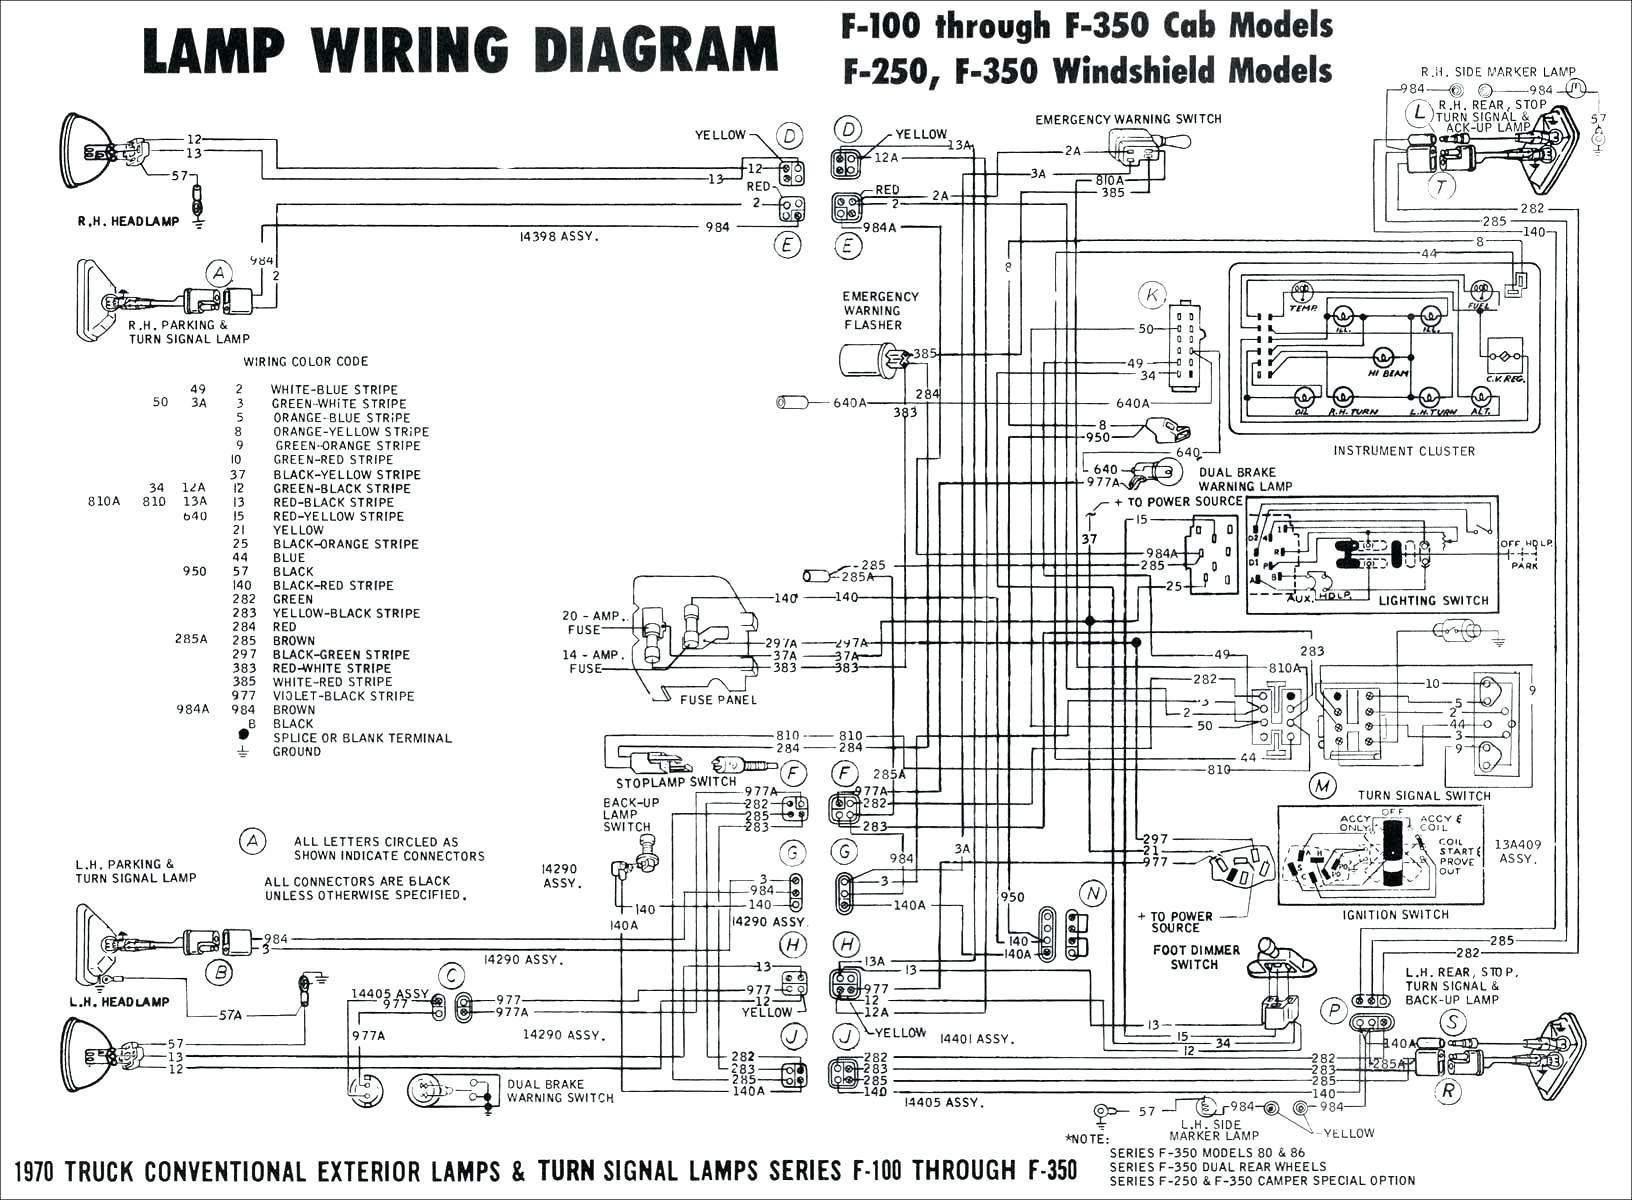 1997 Honda Crv Engine Diagram 1997 Accord Fuse Diagram Layout Wiring Diagrams • Of 1997 Honda Crv Engine Diagram